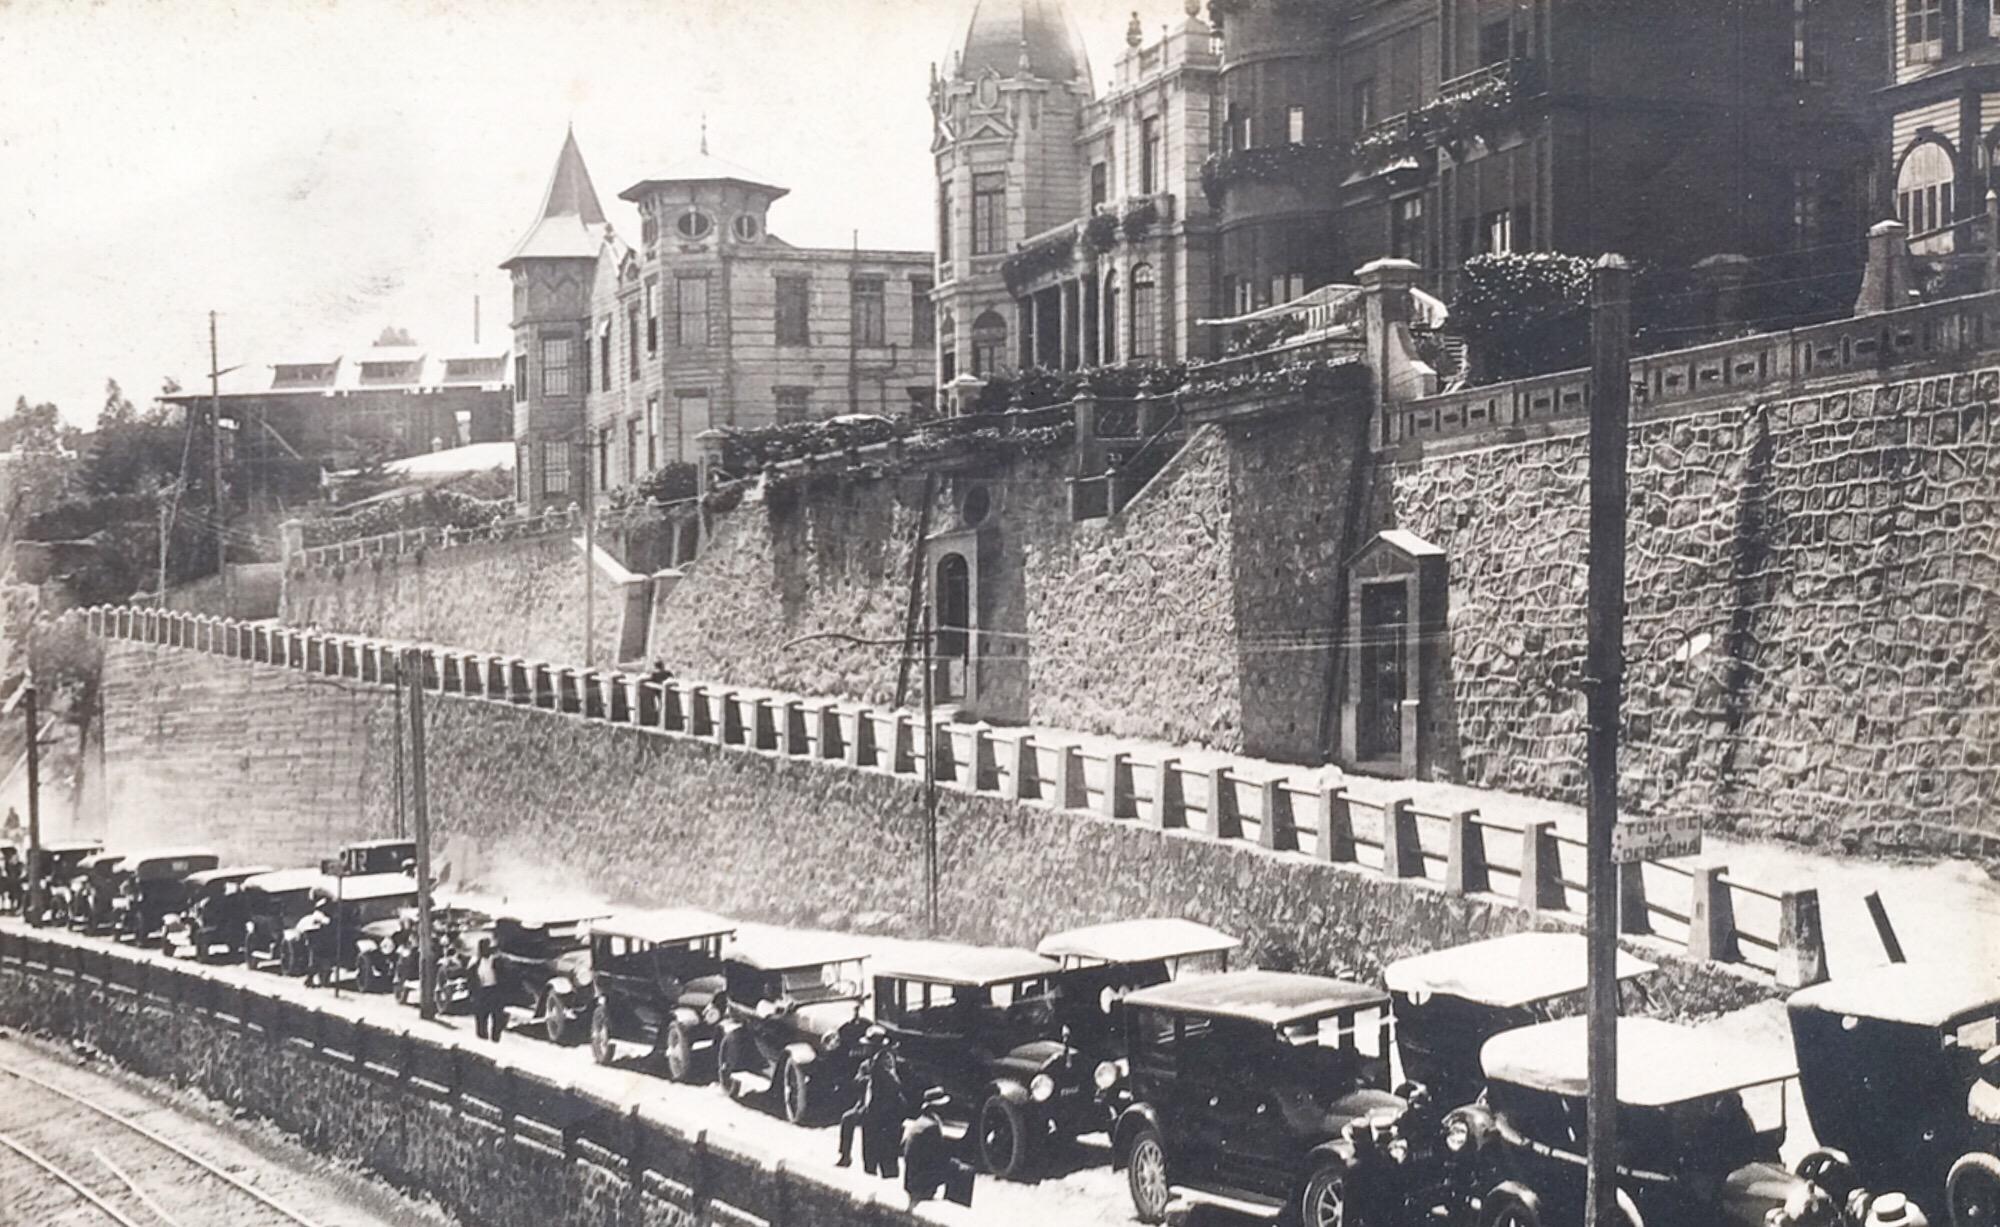 Enterreno - Fotos históricas de chile - fotos antiguas de Chile - Recreo en Viña del Mar en 1918